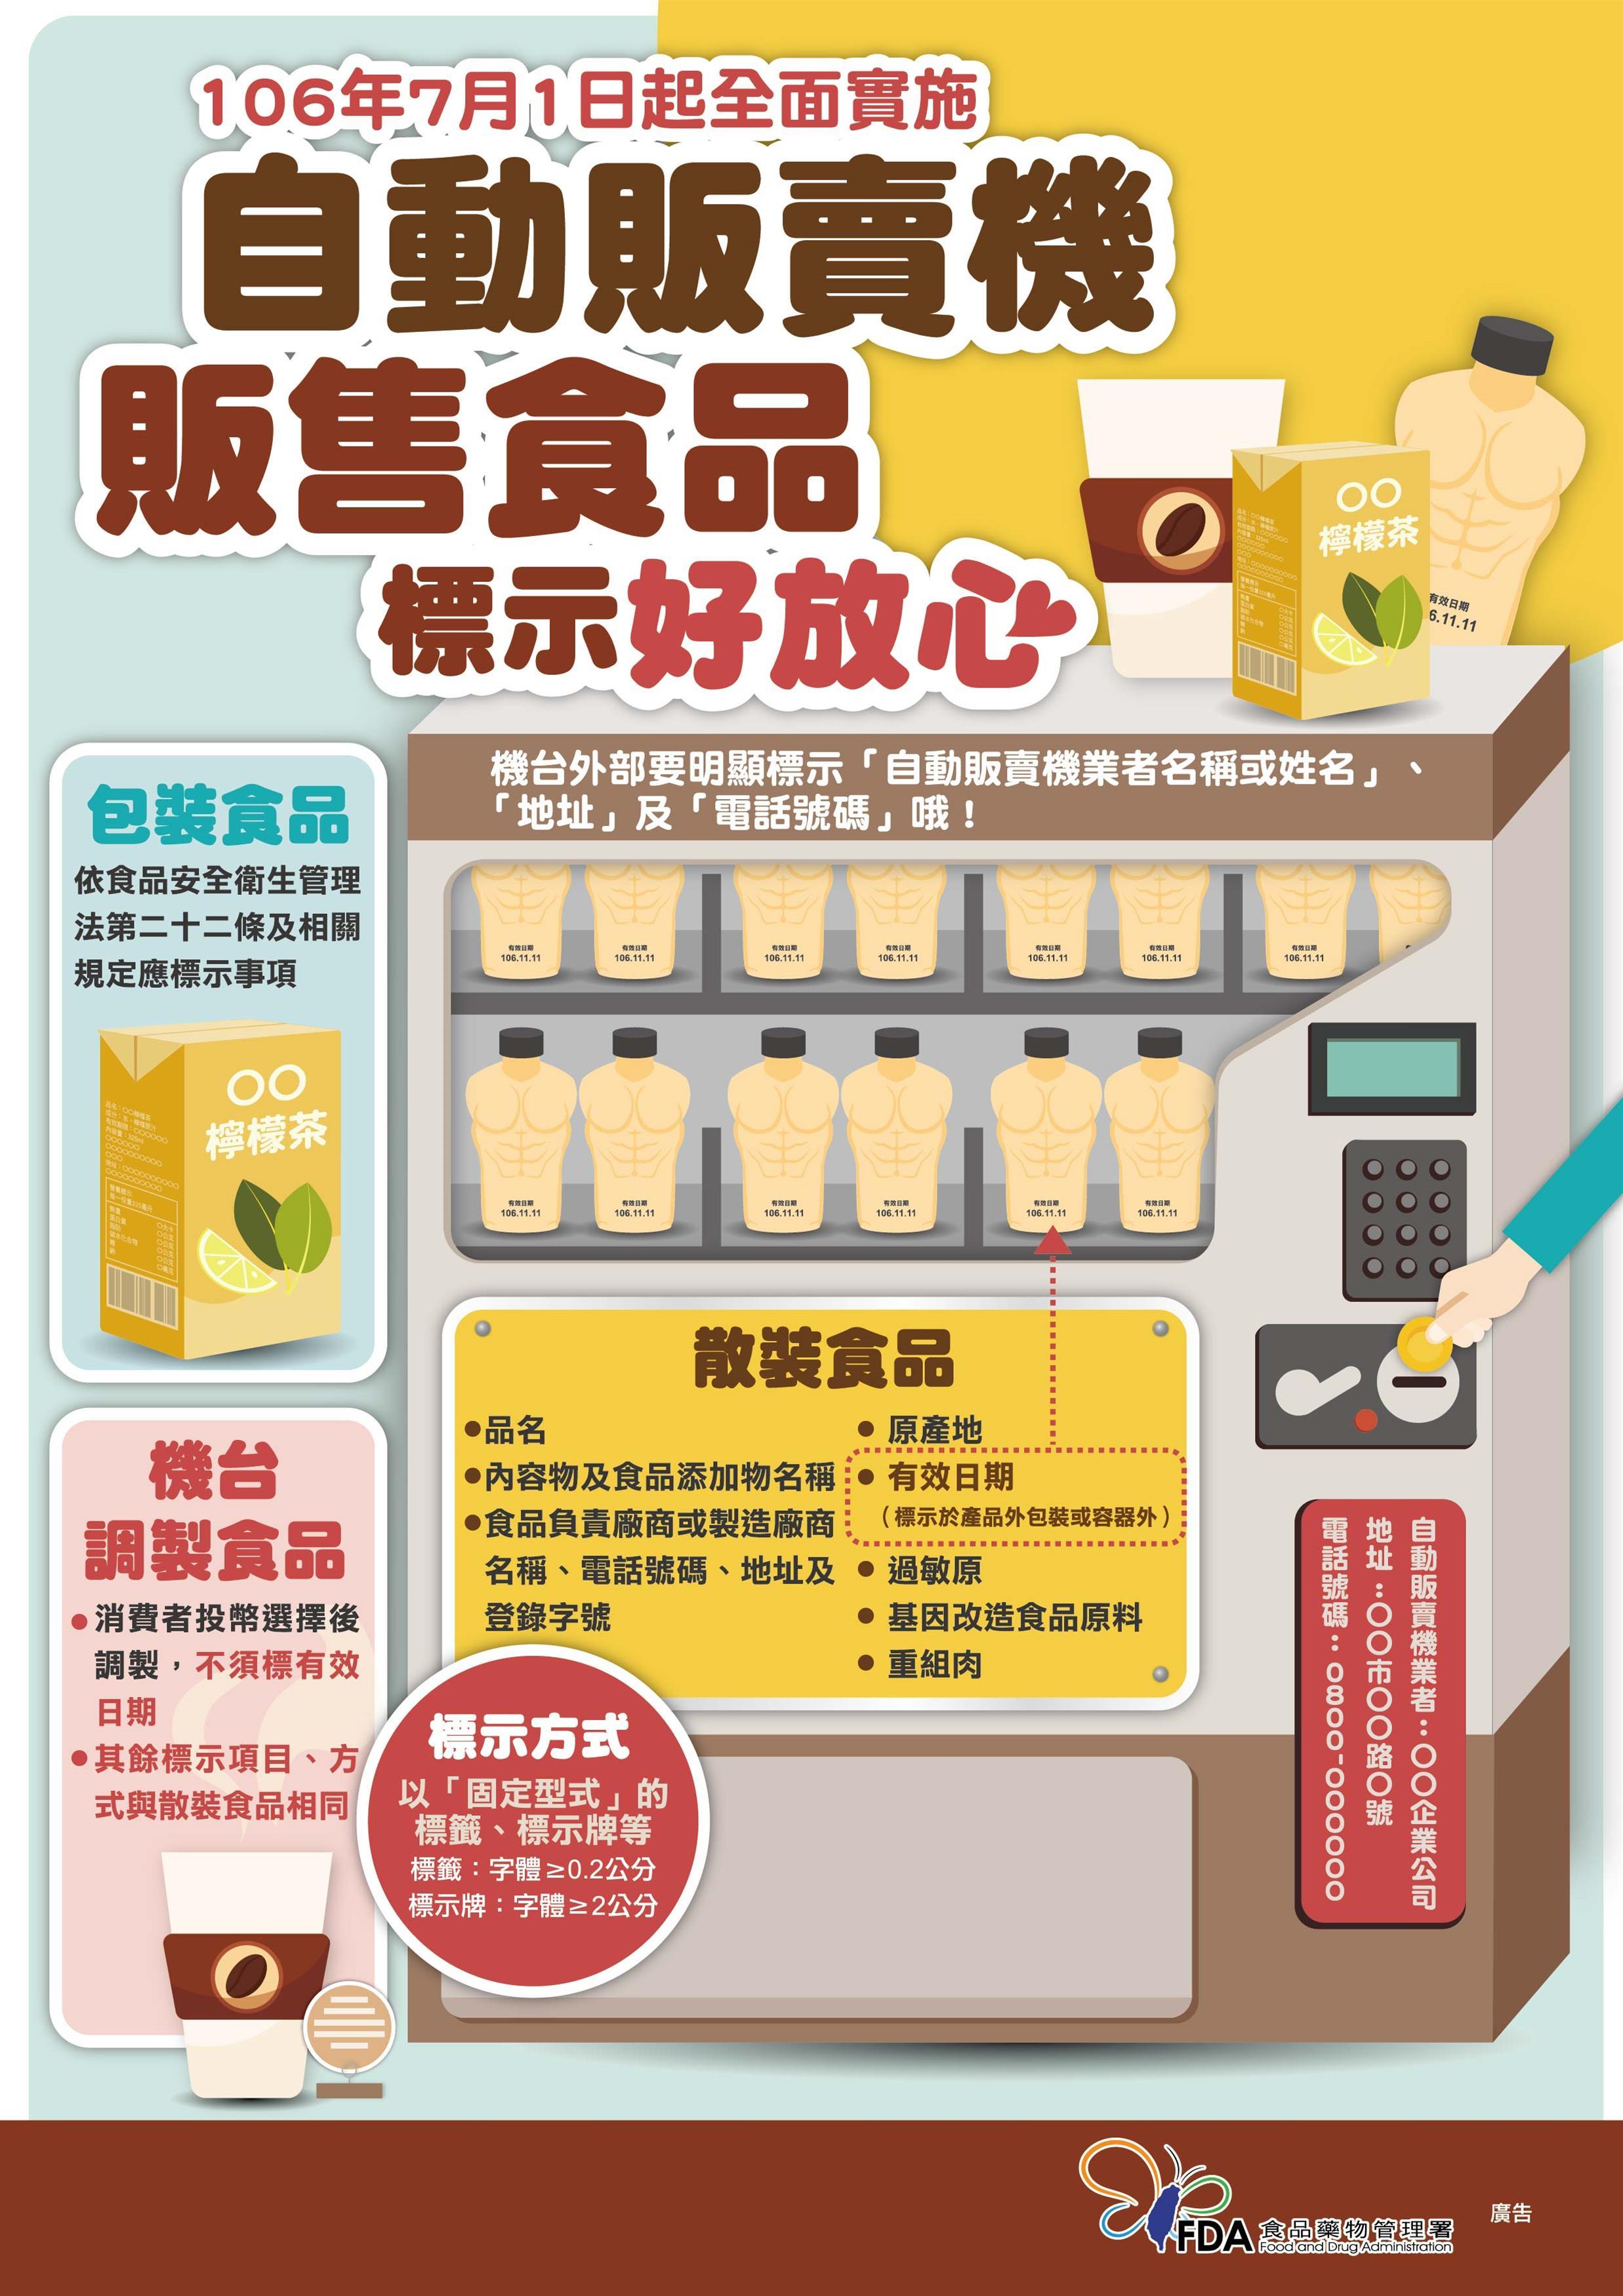 106年7月1日起全面實施 自動販賣機 販售食品標示好放心